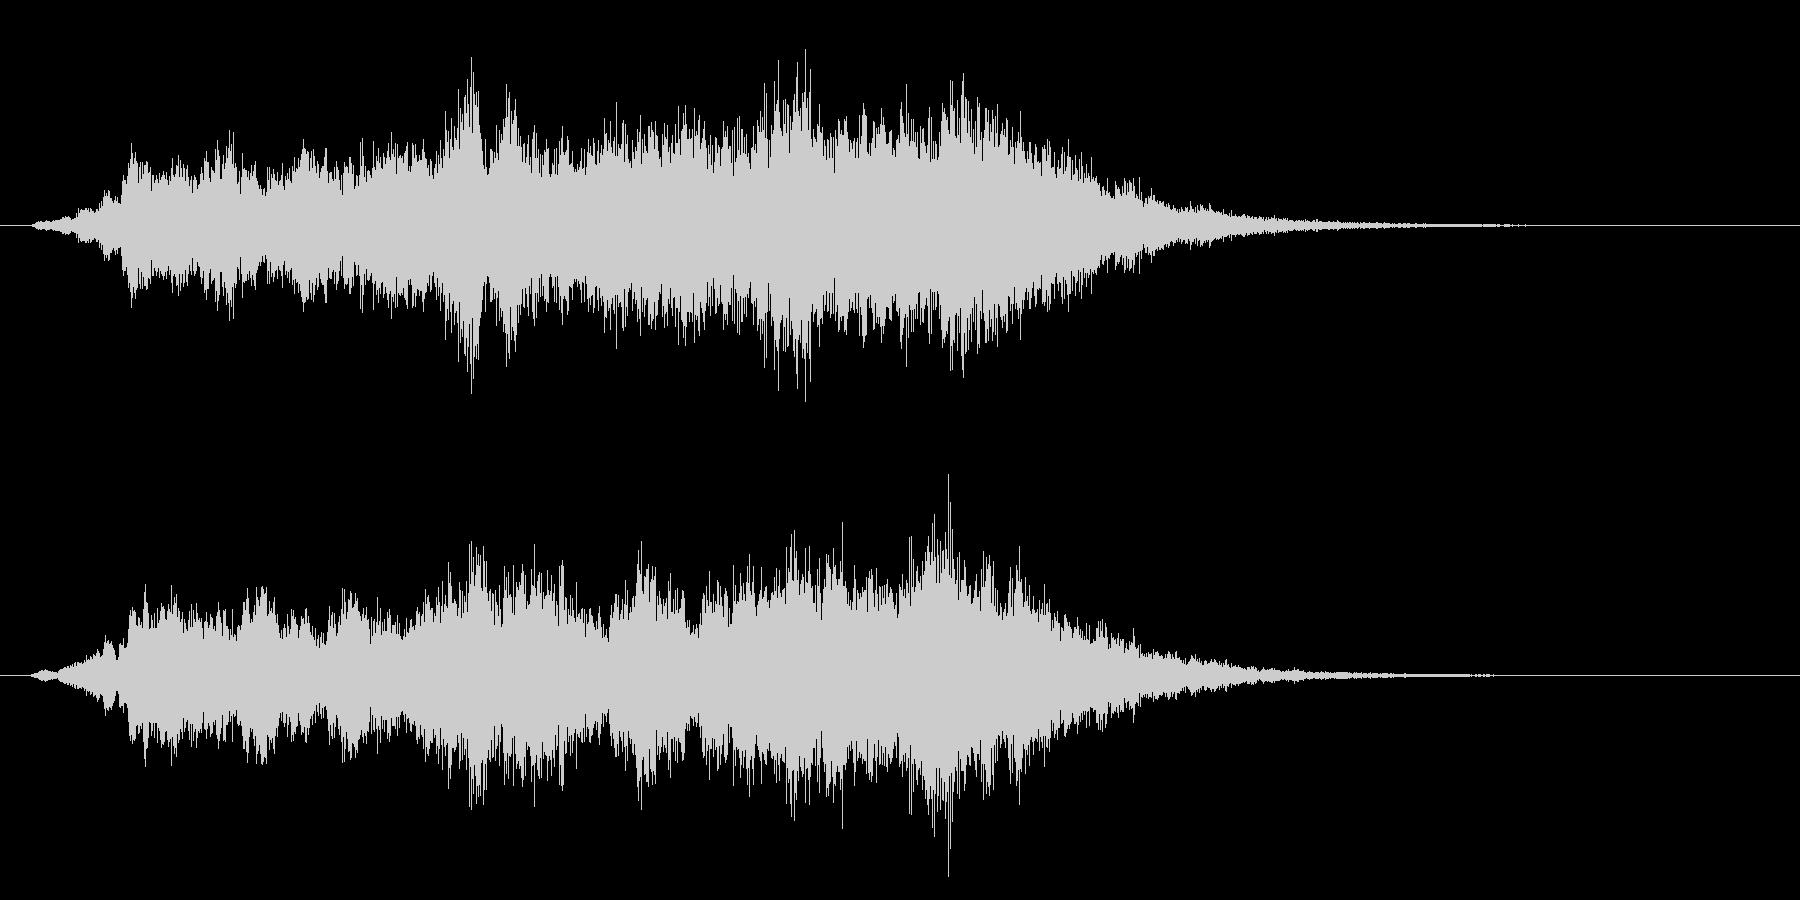 パソコンの起動音風ジングル1の未再生の波形